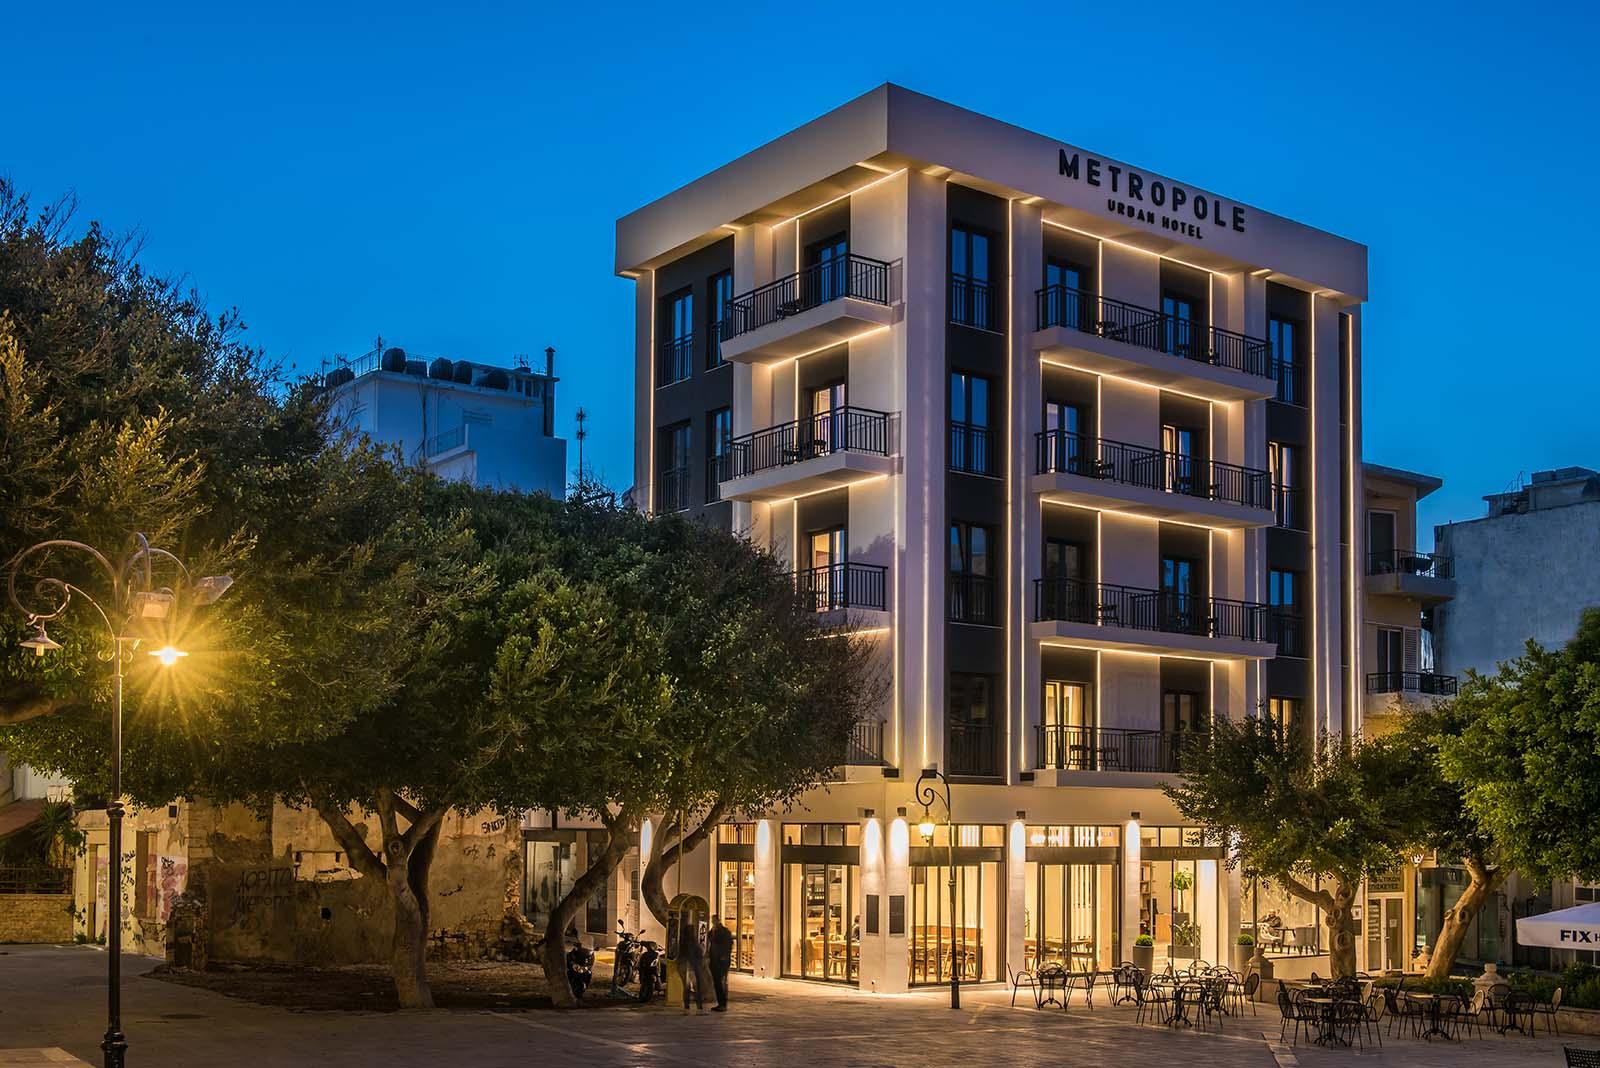 ξενοδοχεια ηρακλειο κεντρο - Metropole Urban Hotel